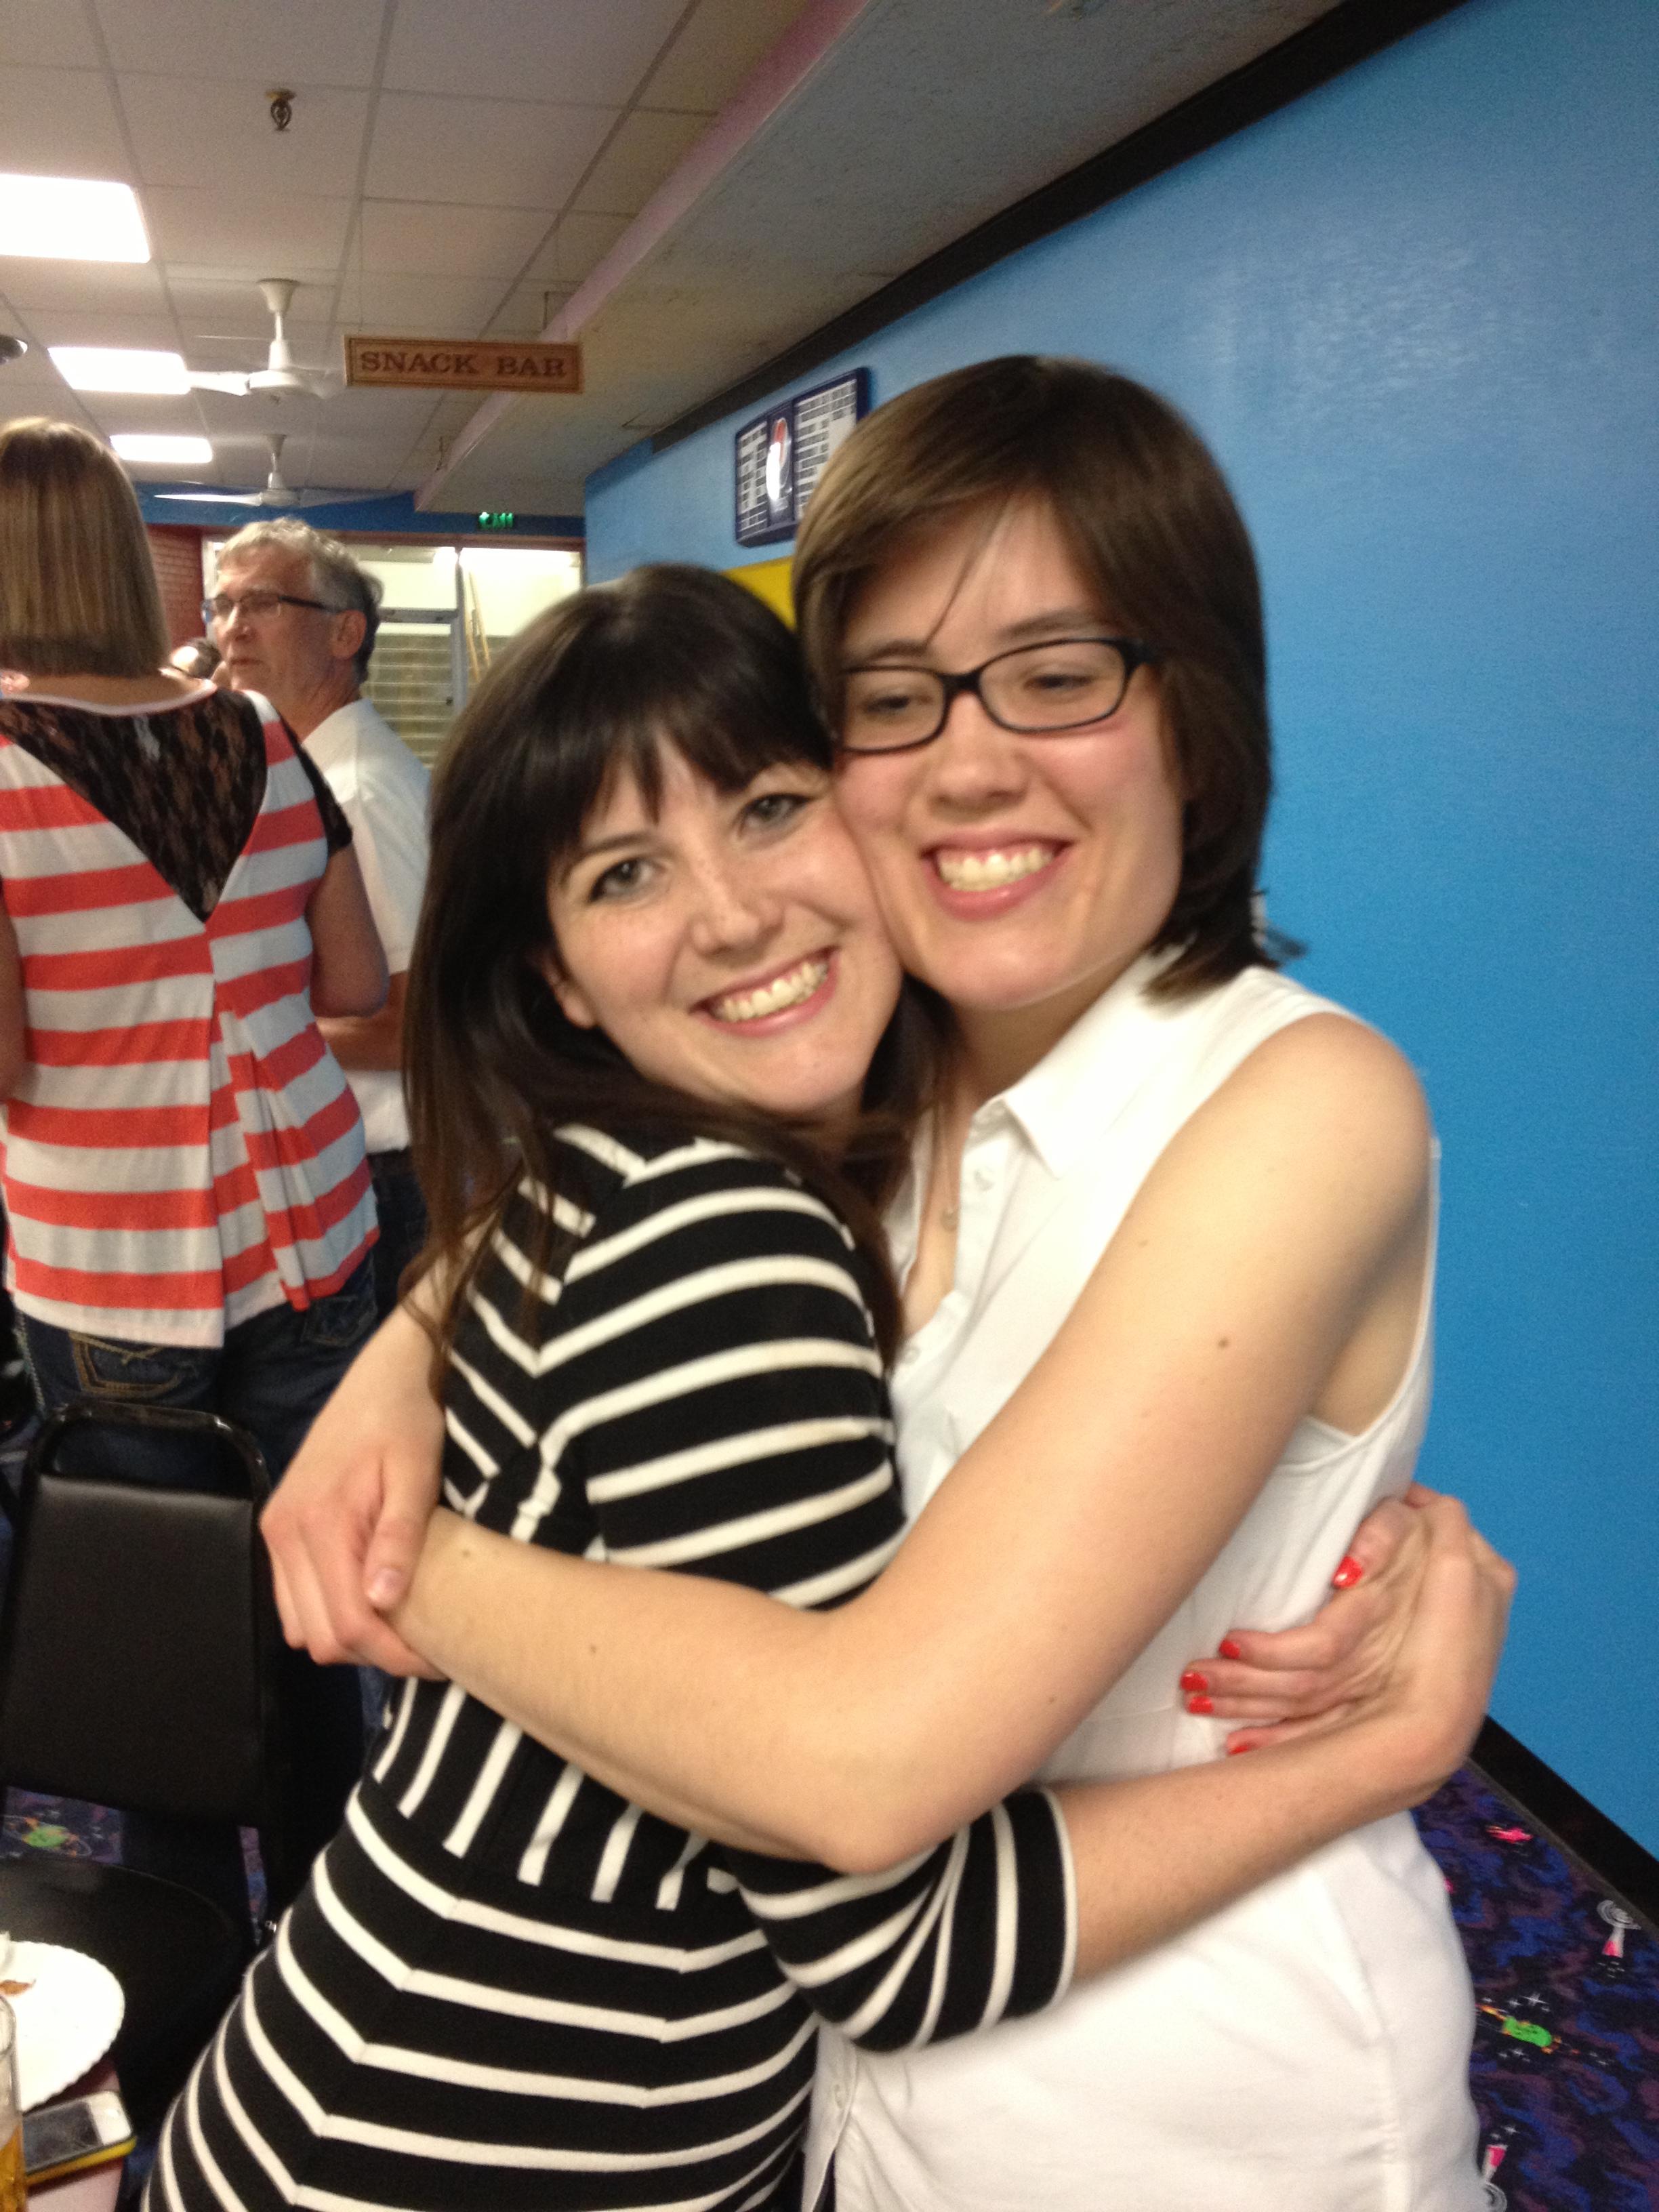 Jane @ Bday Bowling